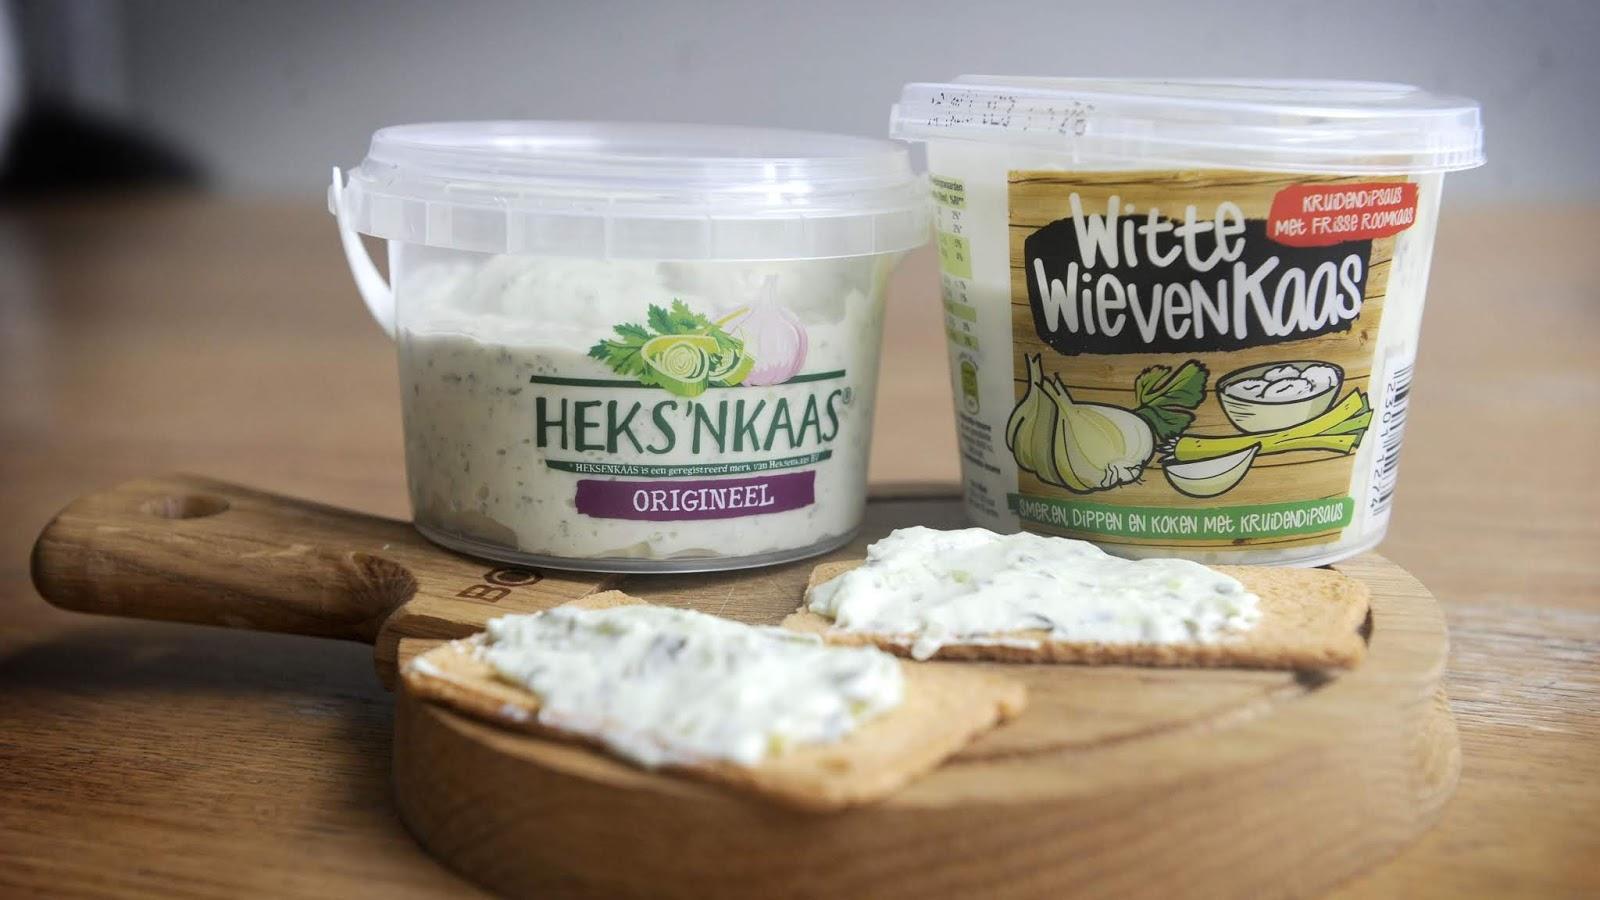 Европейский суд не признал вкус сыра объектом авторского права